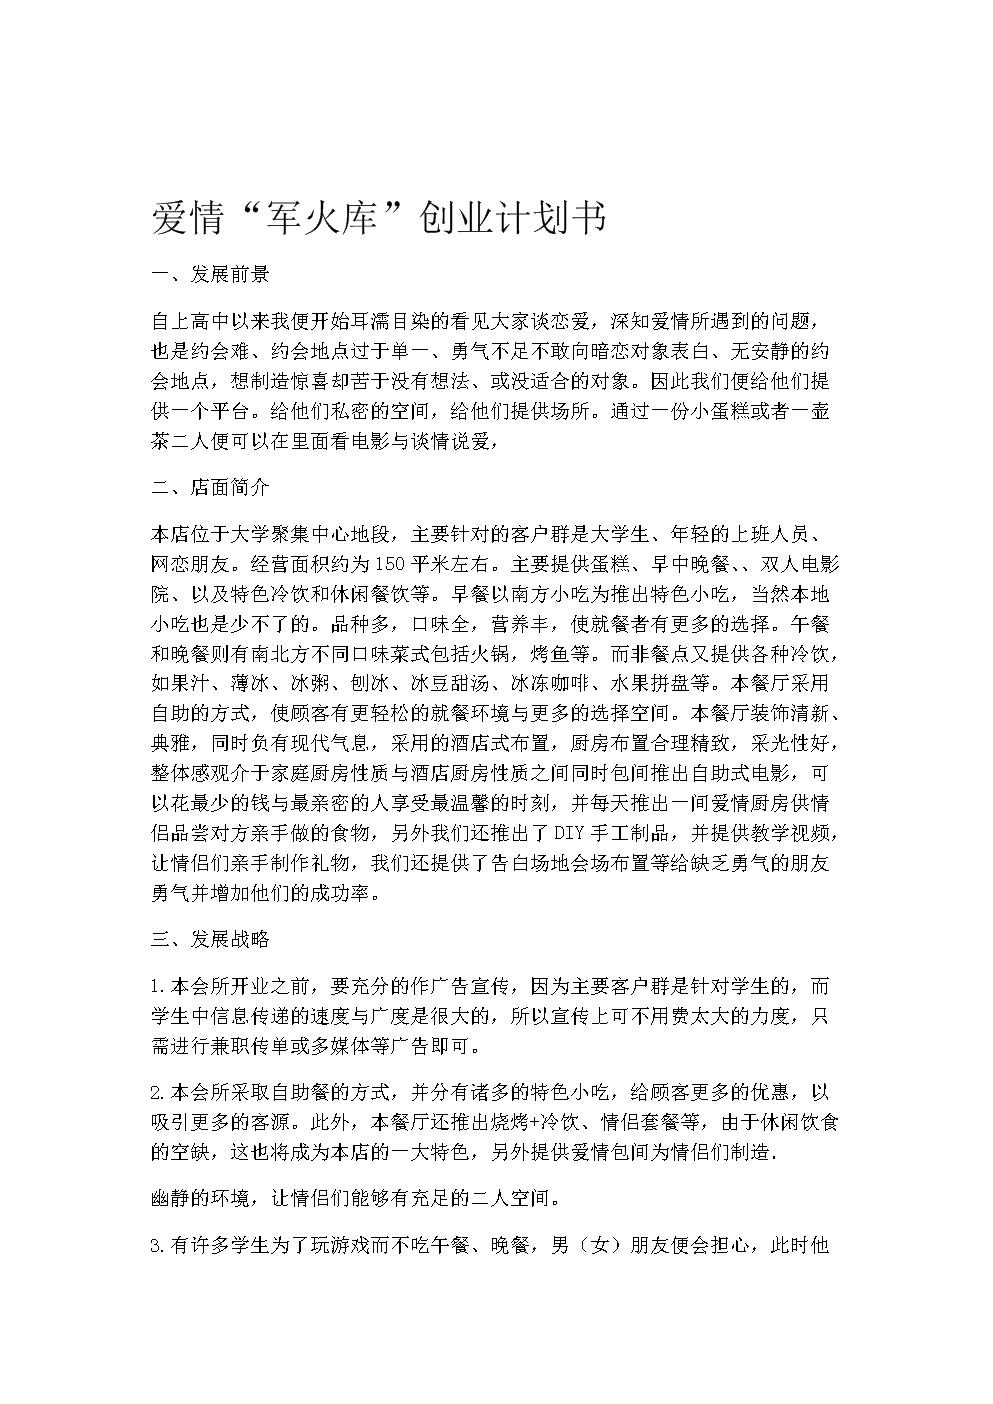 爱情军火库创业计划书.doc